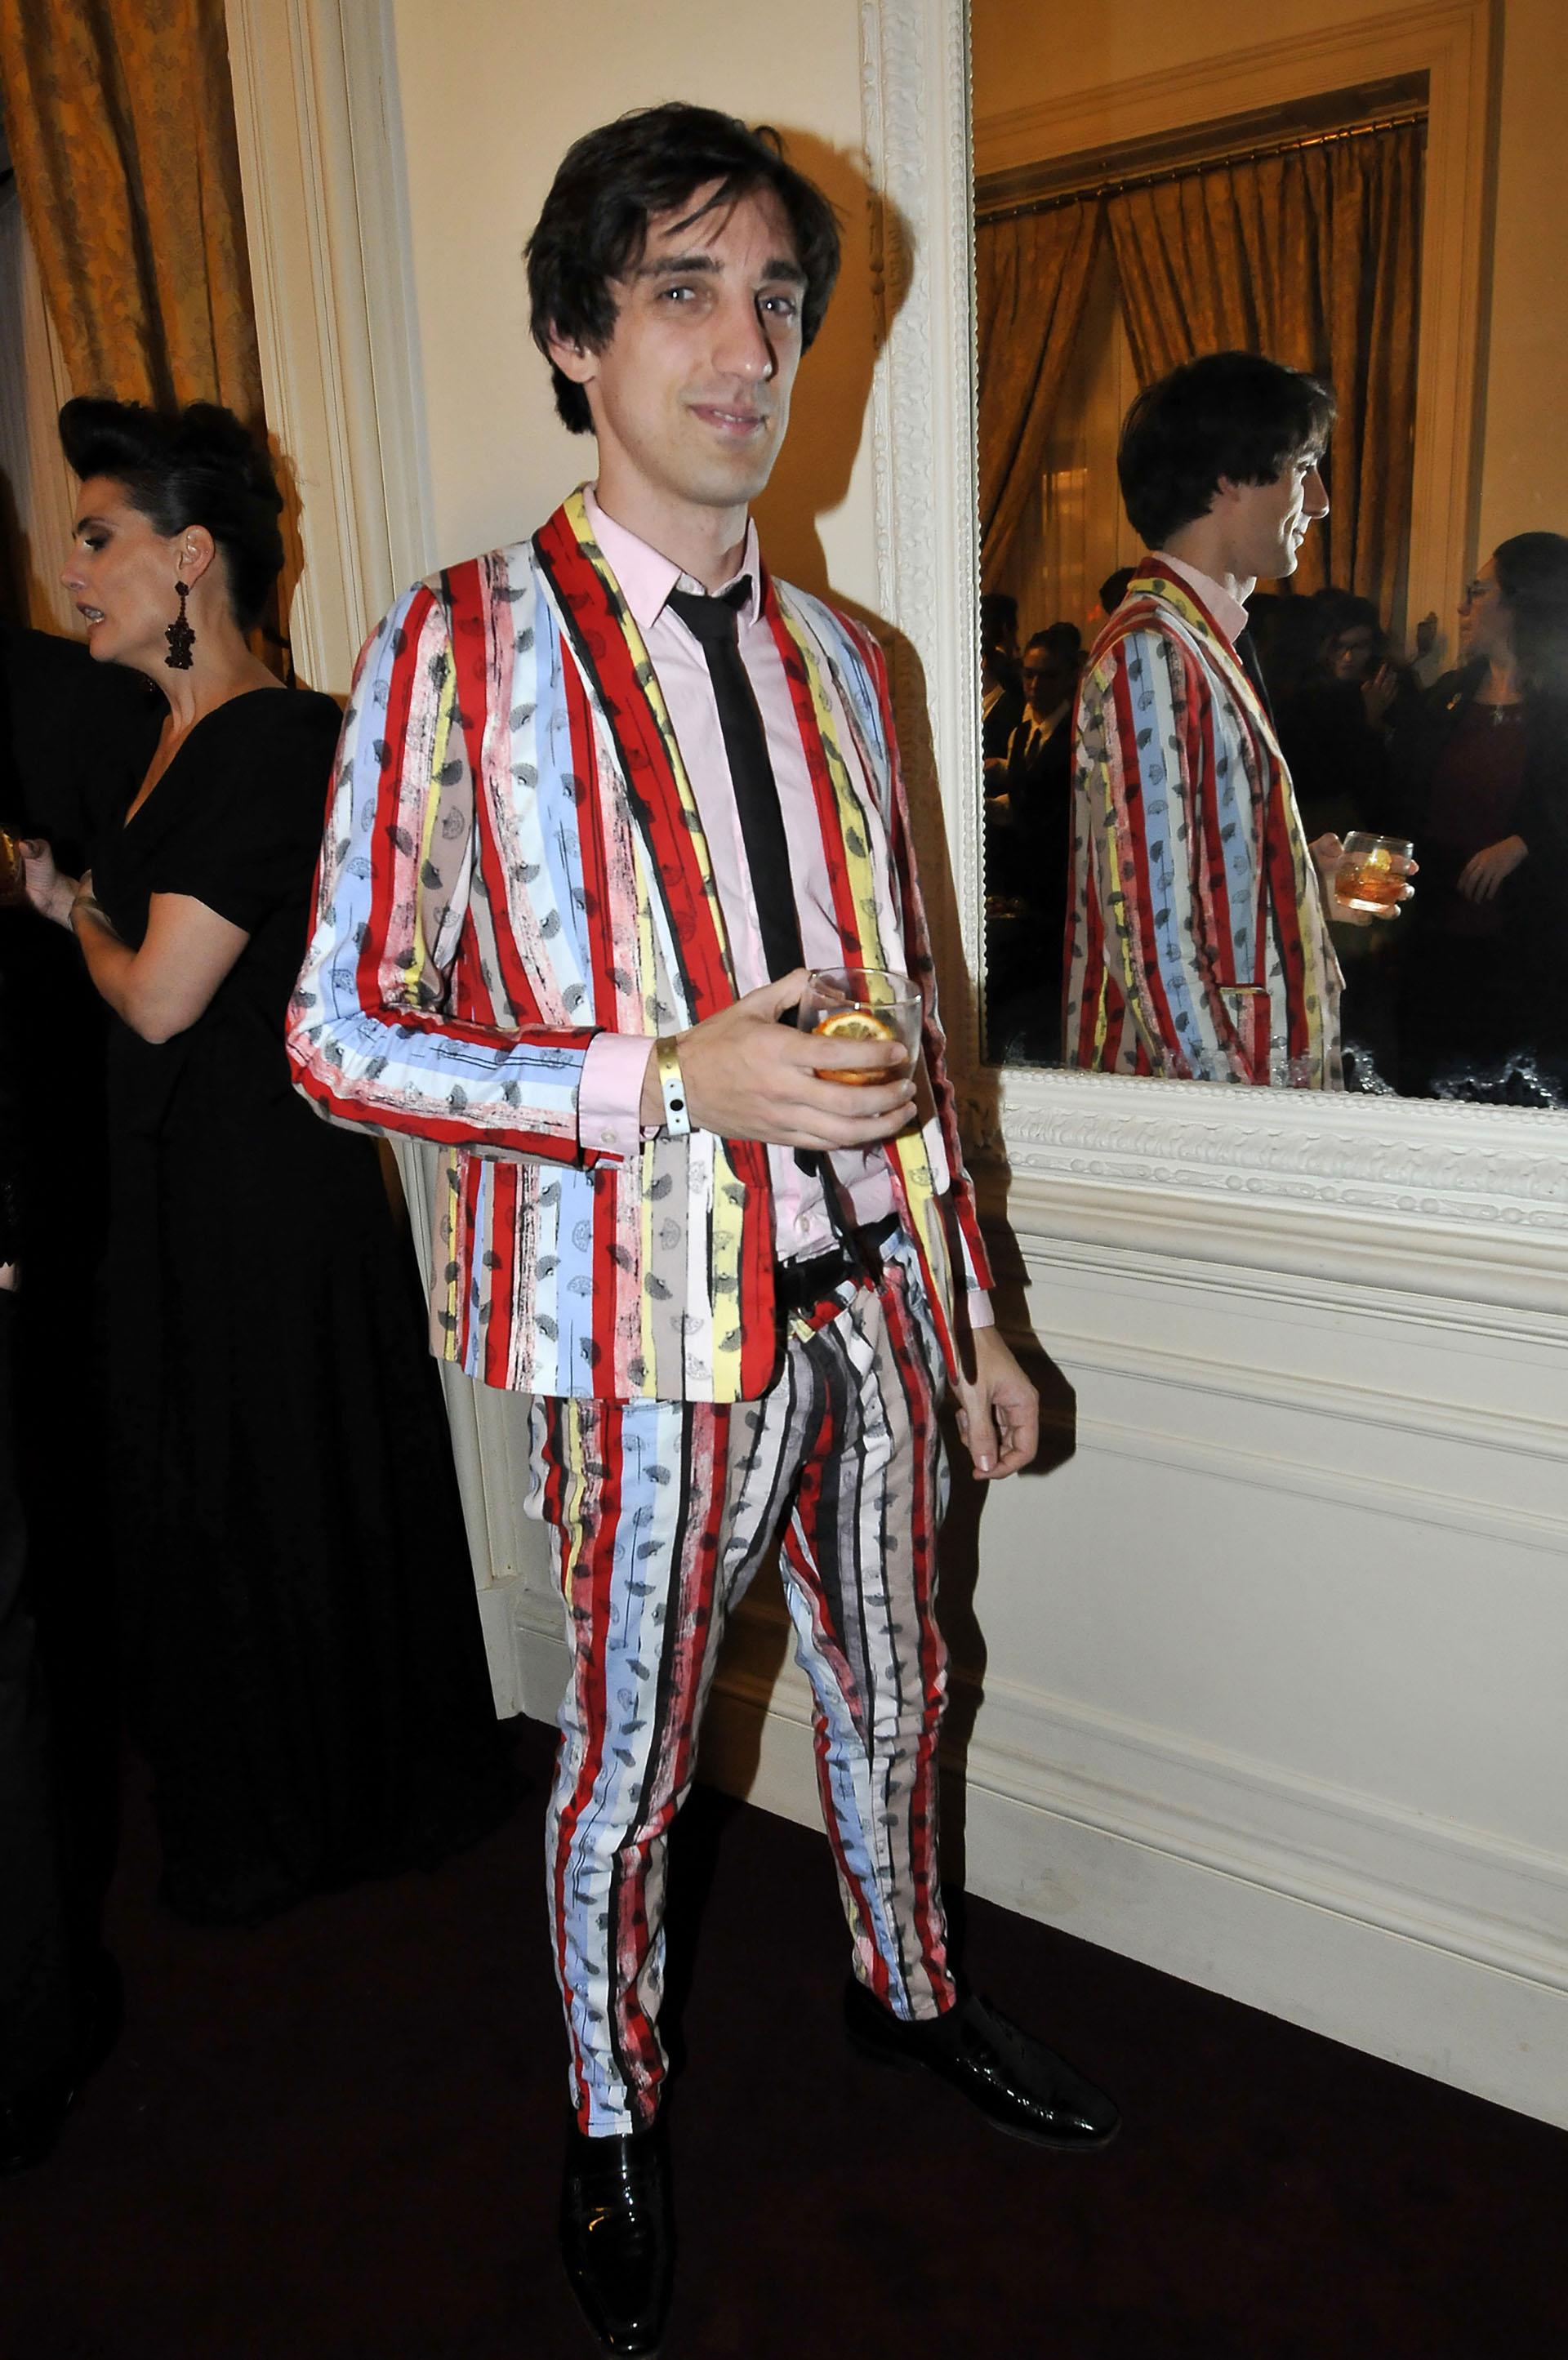 Lucas, el hijo de Benito Fernández, fiel a su estilo (Fotos: Teleshow)